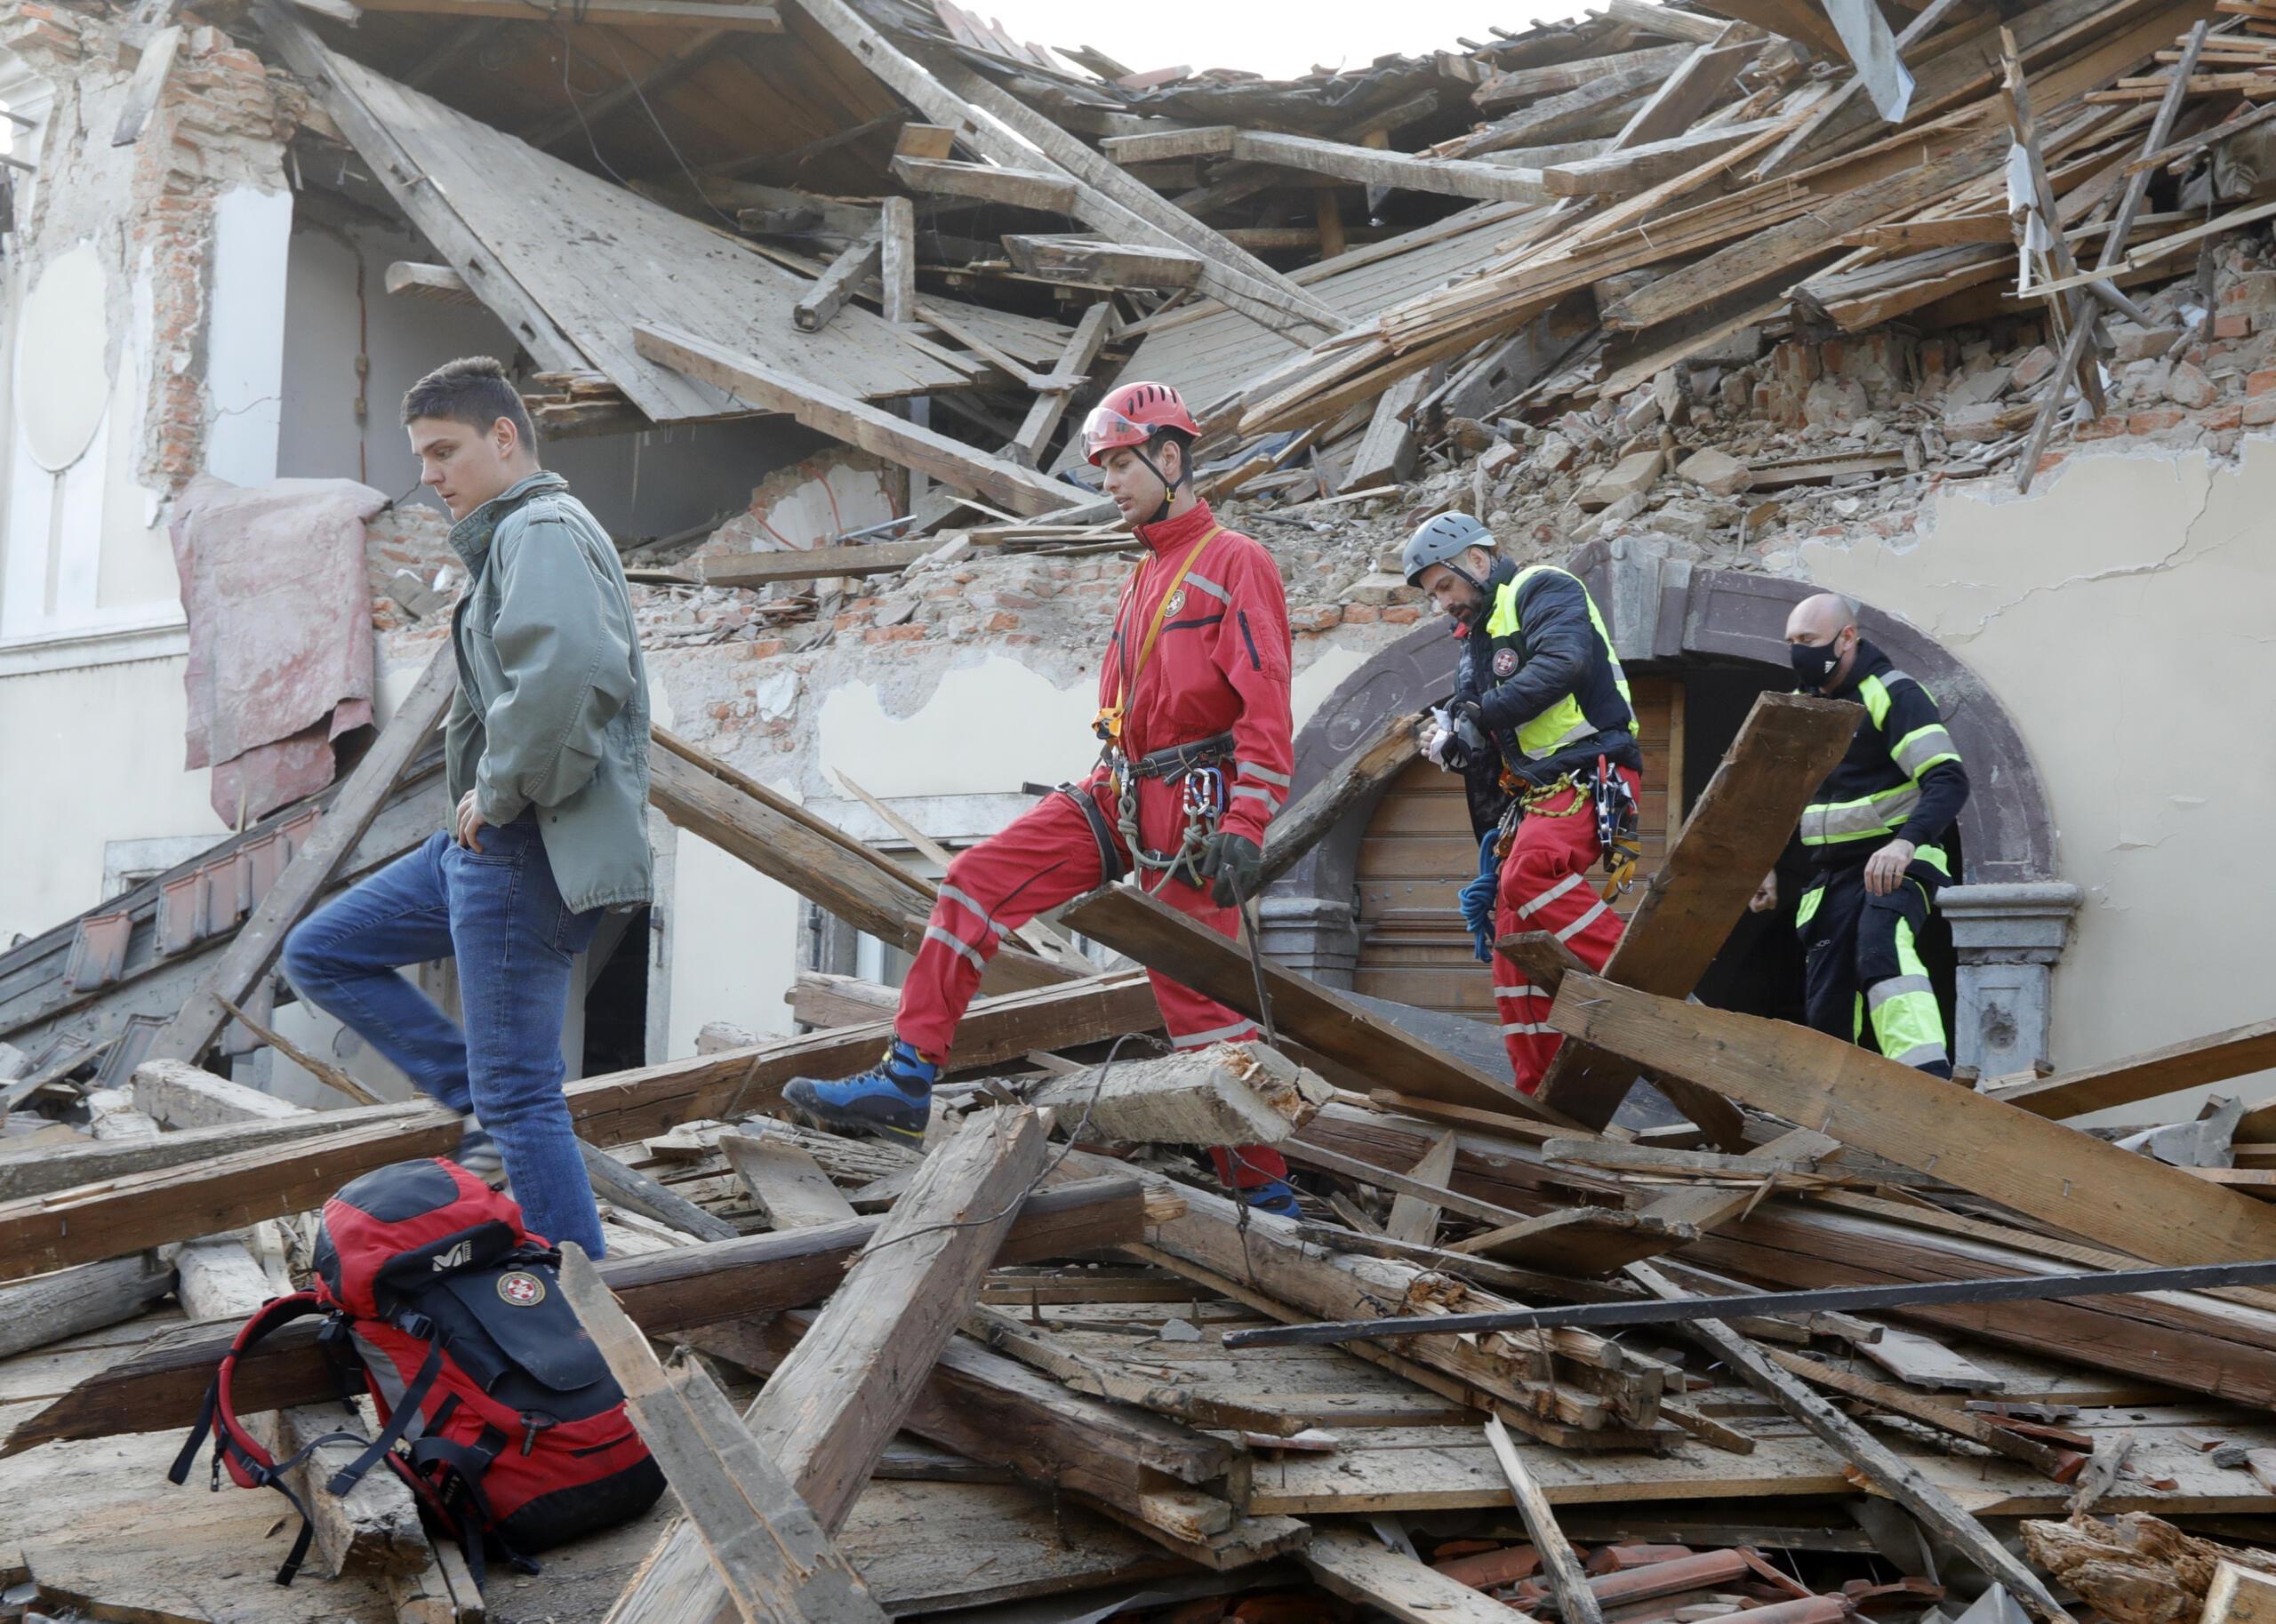 Hırvatistan'da 6.3 büyüklüğünde deprem!